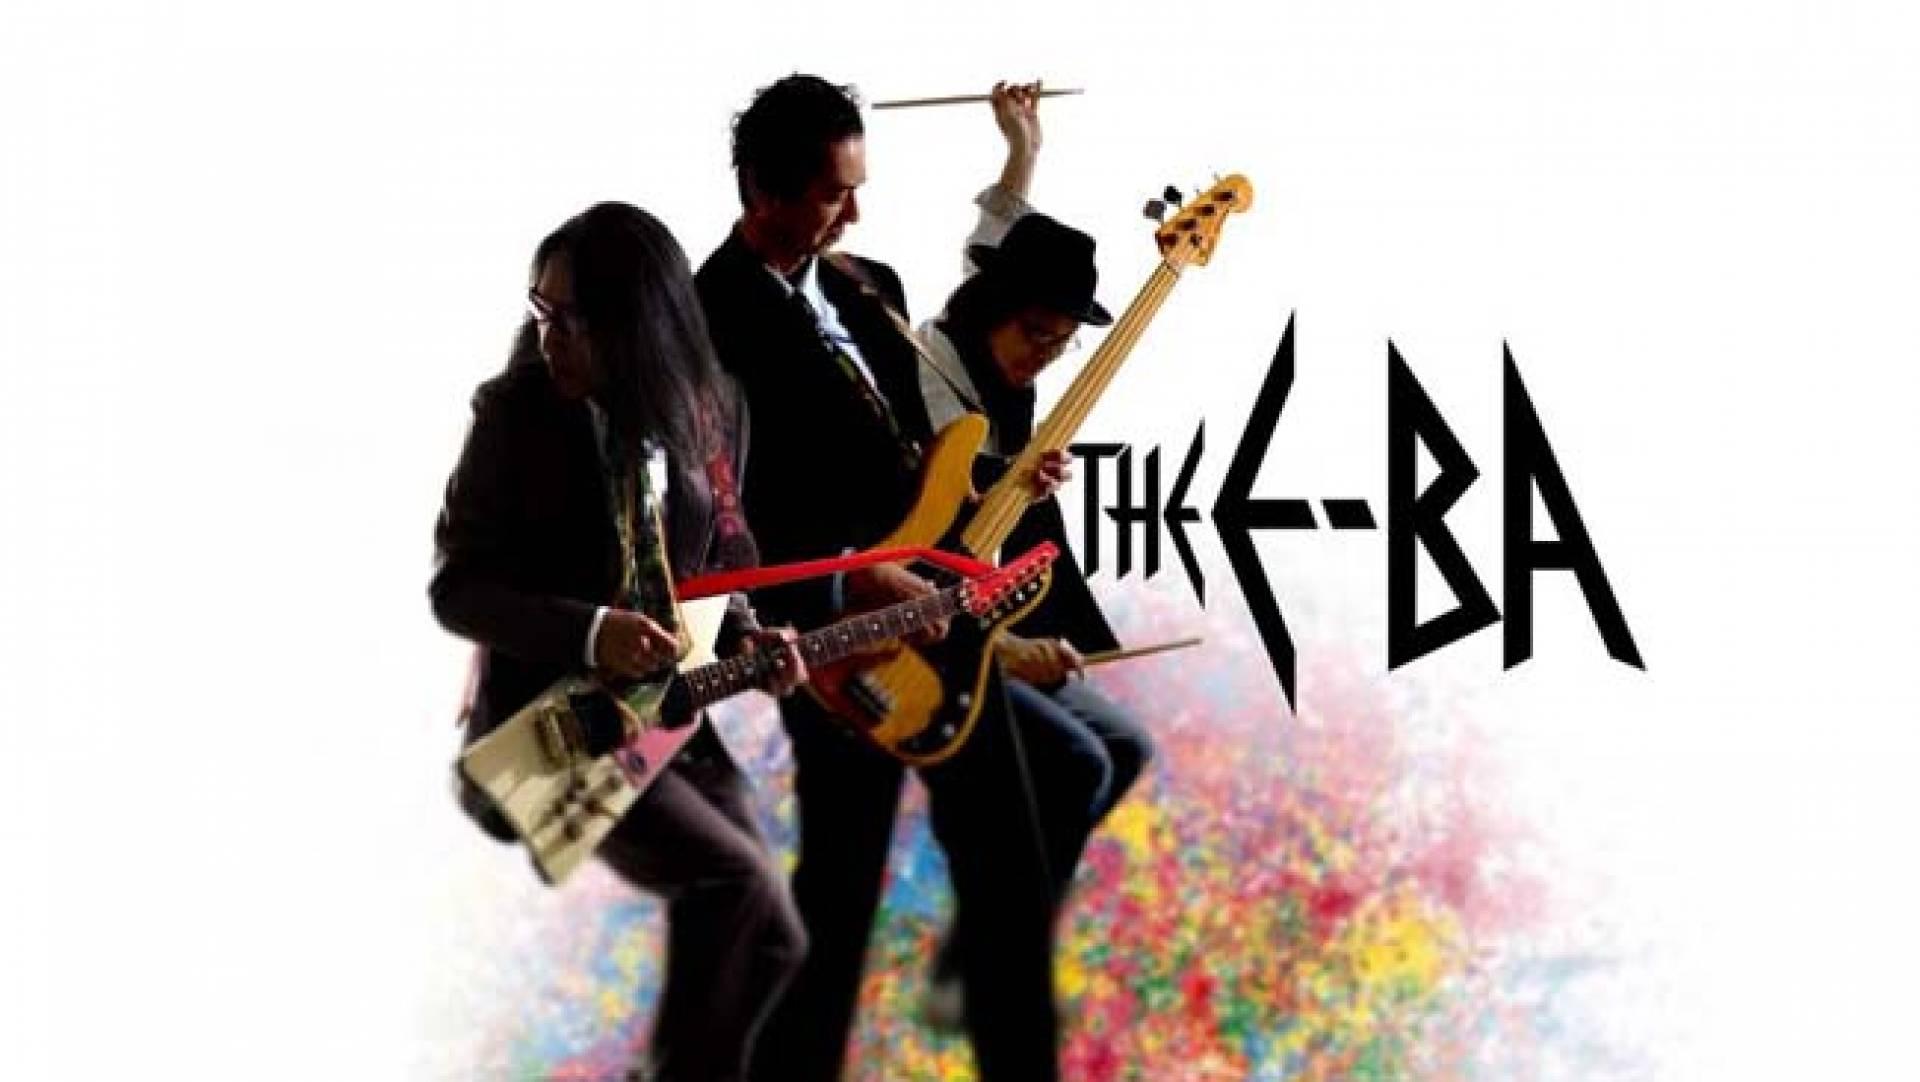 THE E-BA